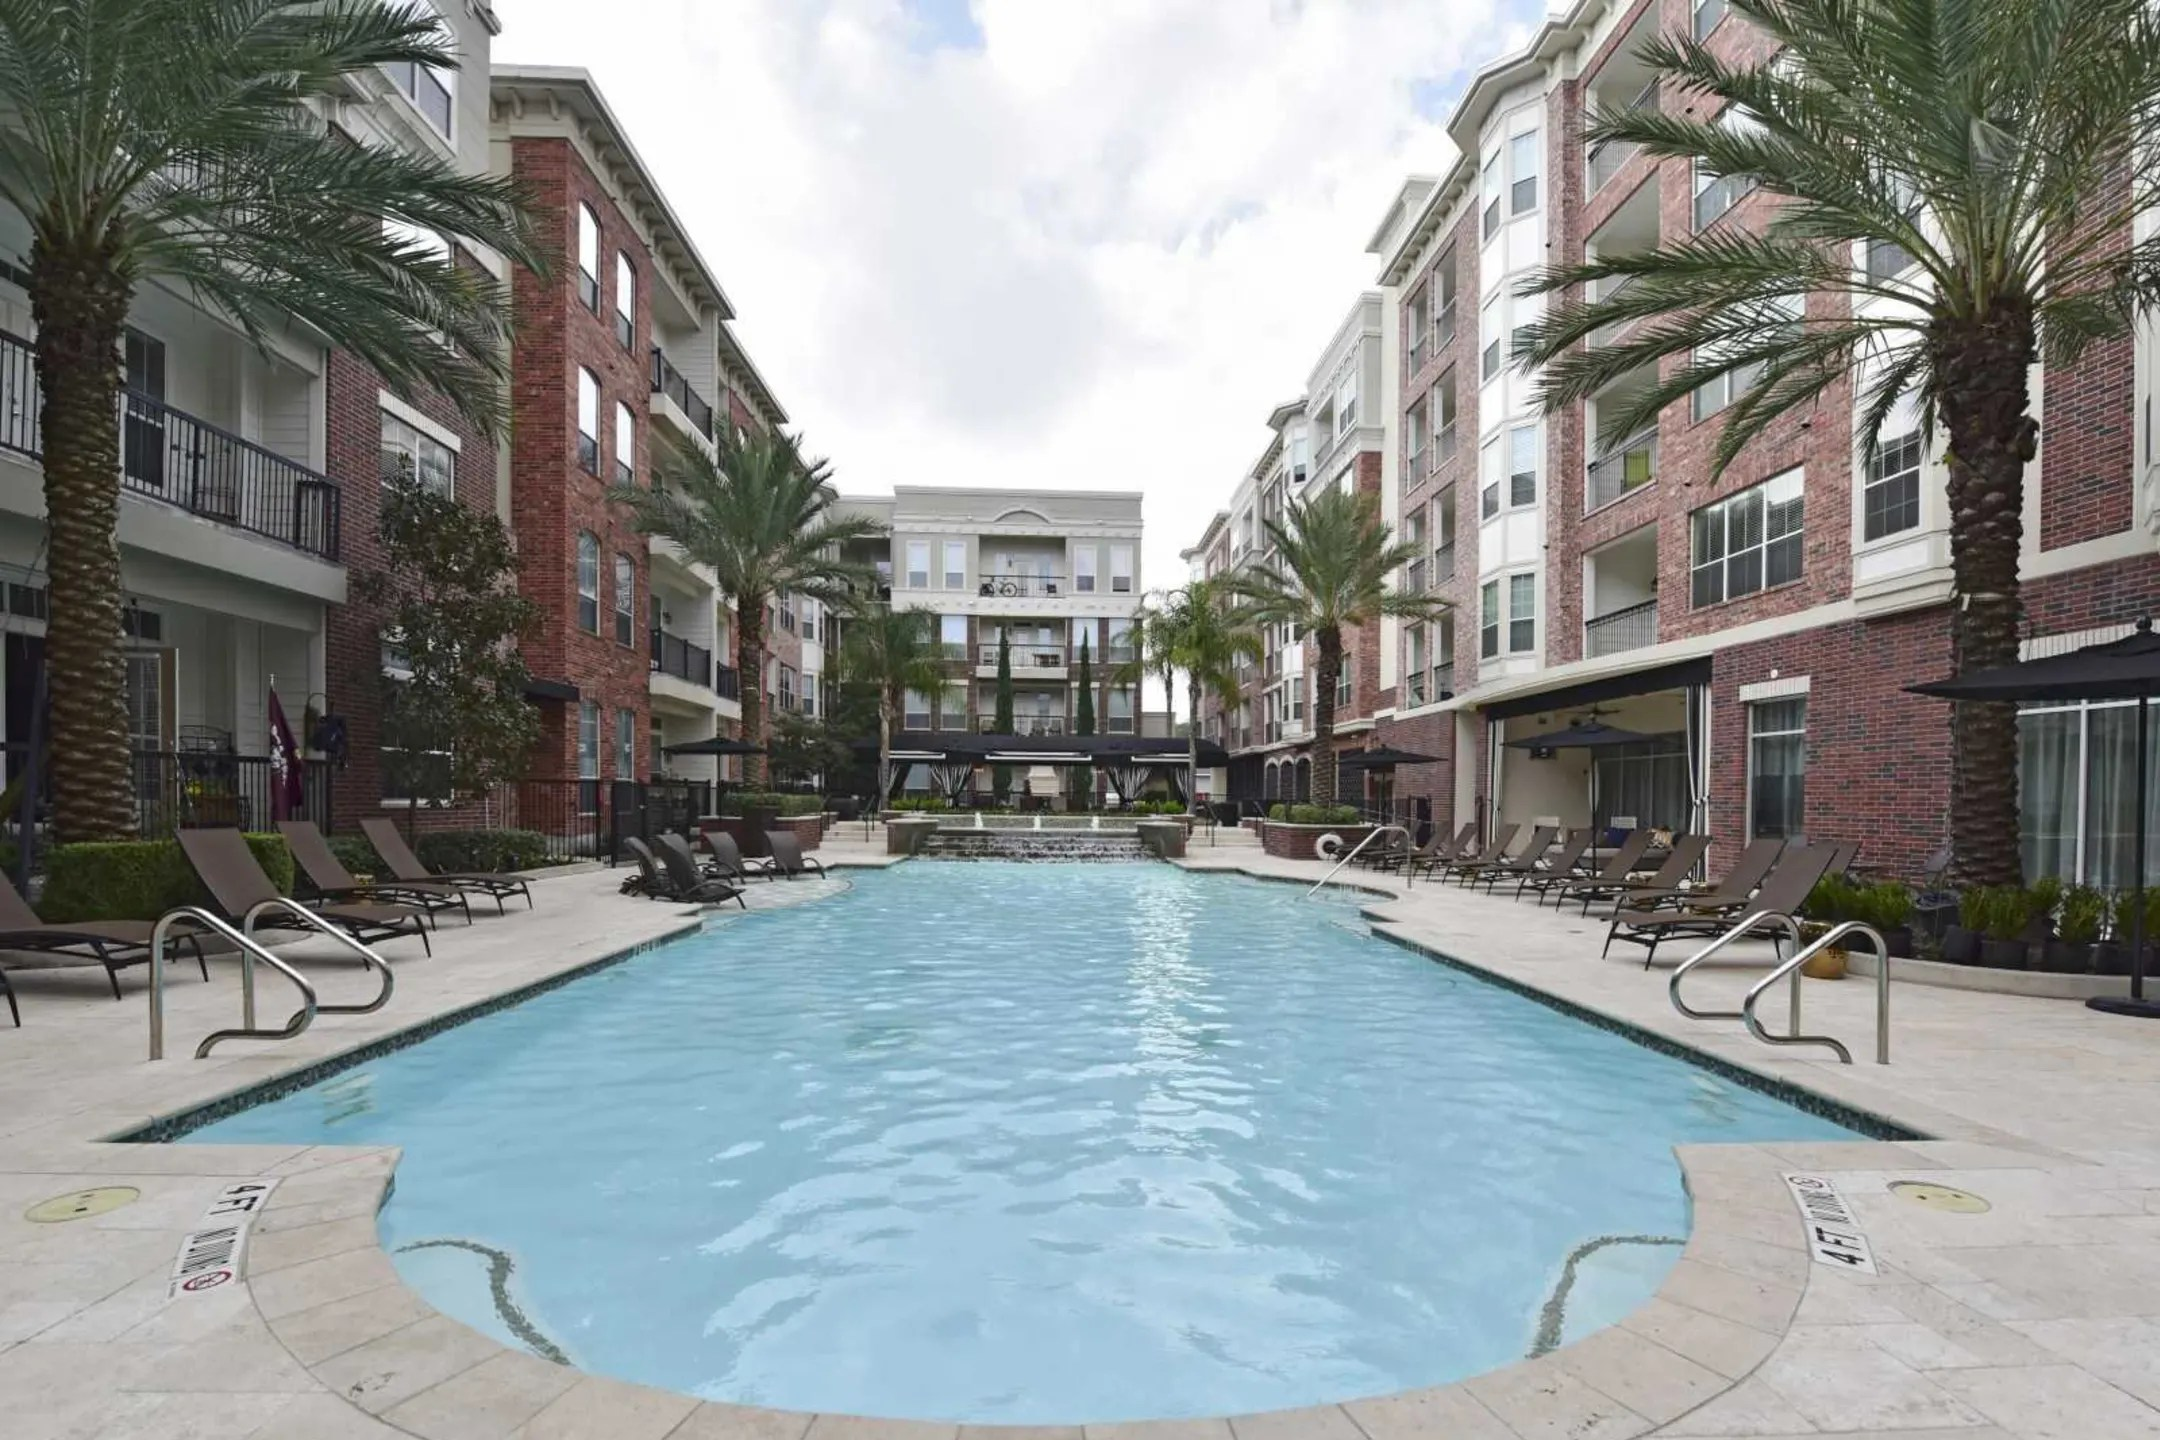 Apartments Fairmont Baylor